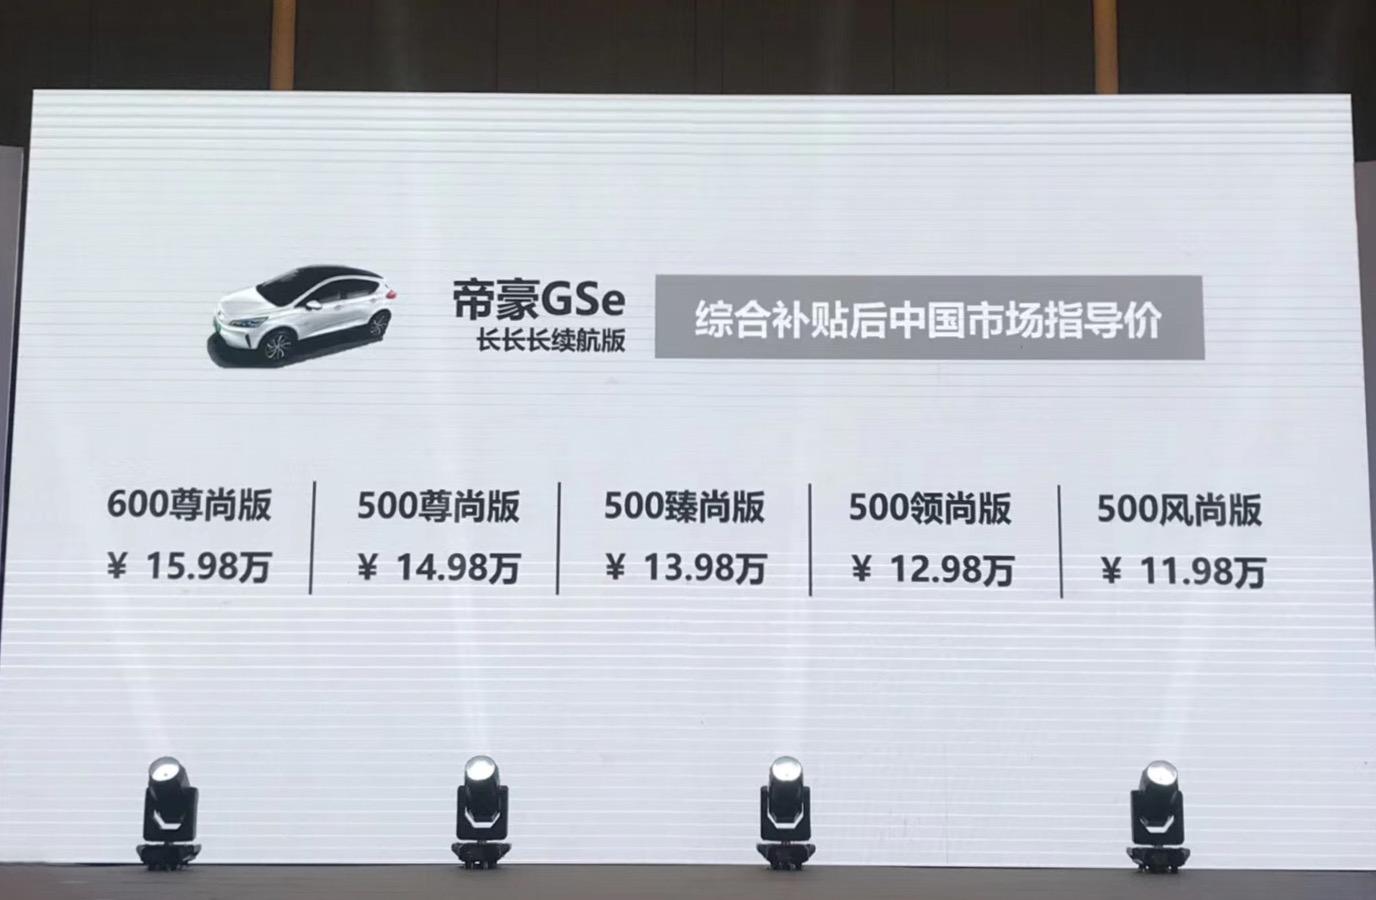 售价11.98-15.98万元,长长长续航版帝豪GSe为爱焕新而来